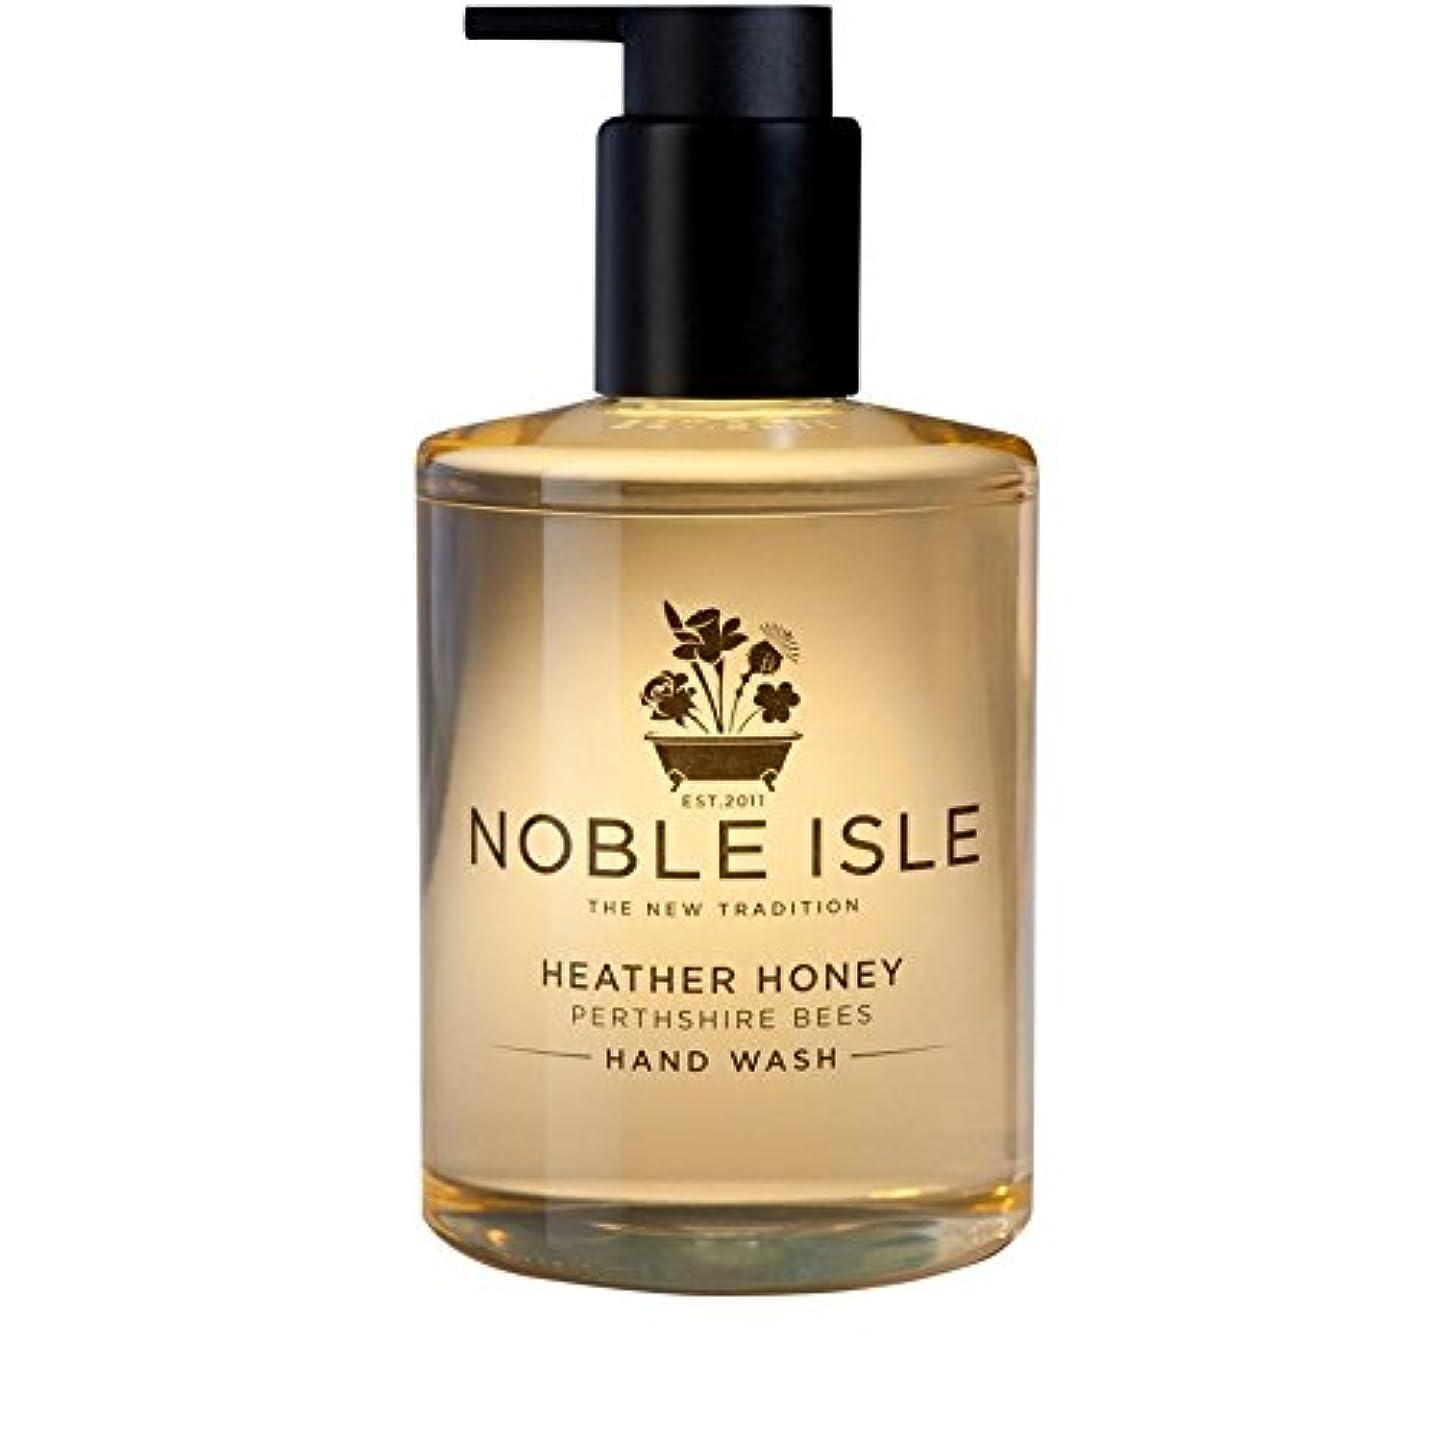 リベラル磁石記述するNoble Isle Heather Honey Perthshire Bees Hand Wash 250ml - 高貴な島杢蜂蜜パースシャー蜂のハンドウォッシュ250ミリリットル [並行輸入品]